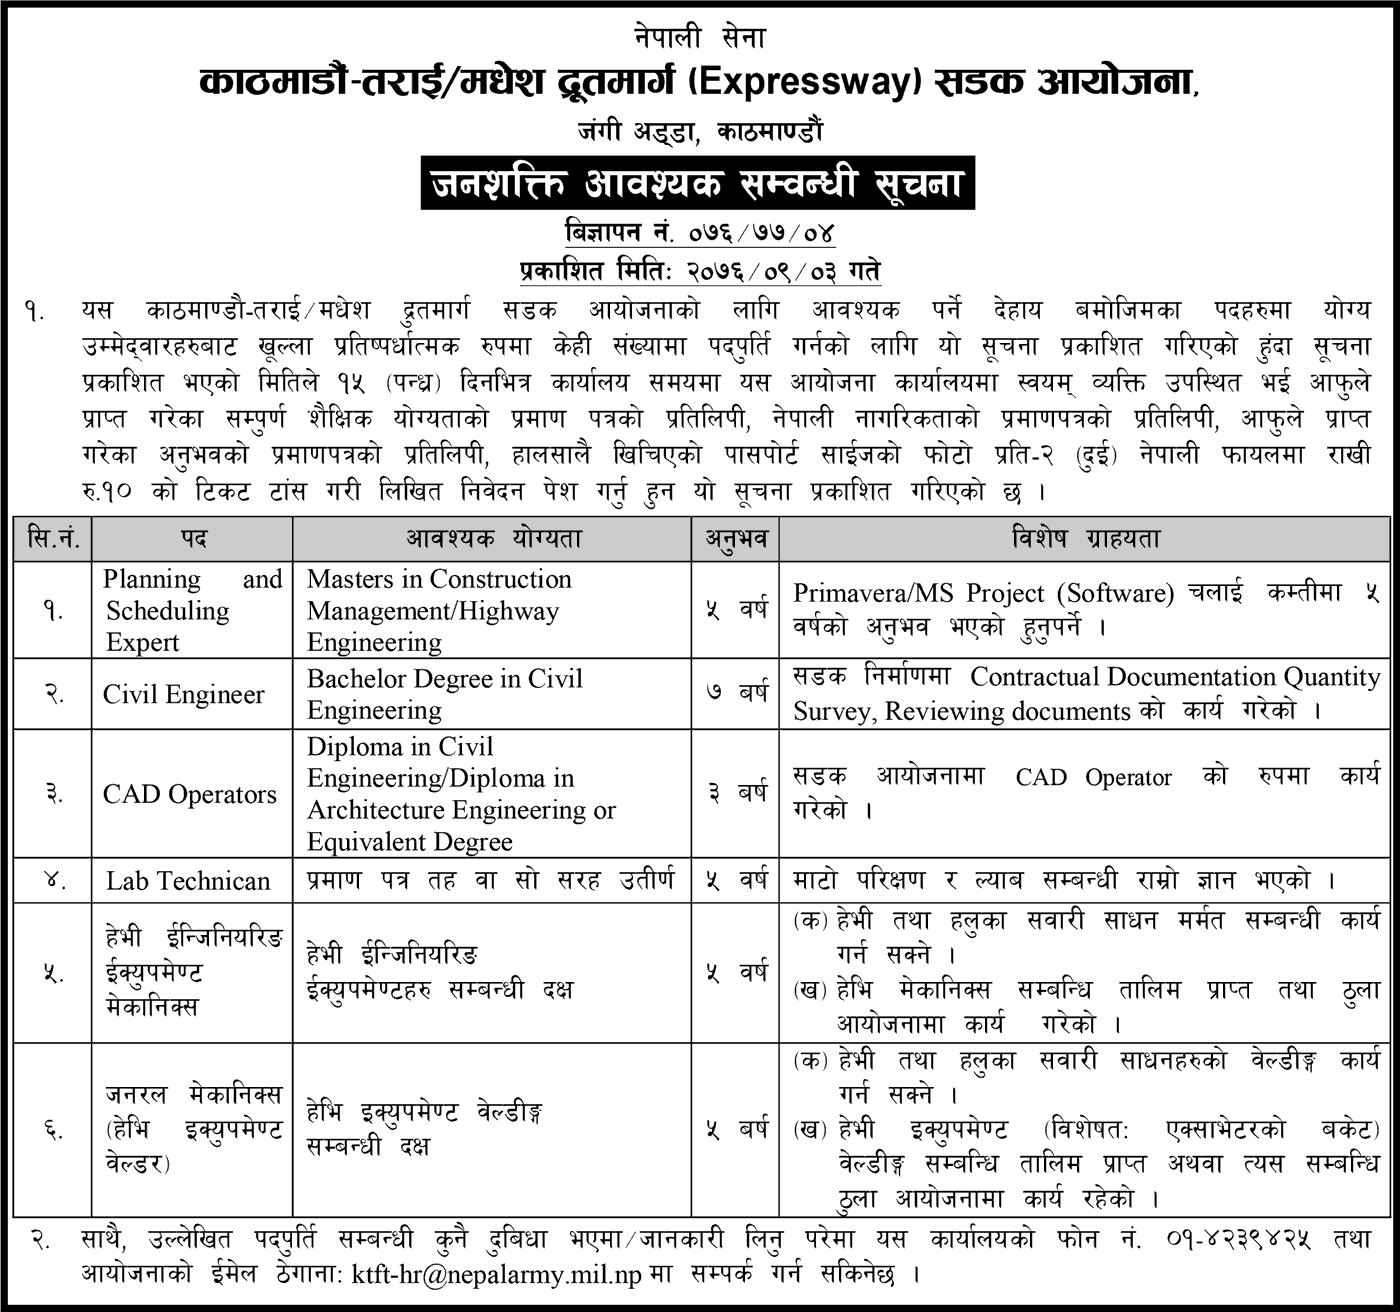 Kathmandu-Terai/Madhesh Expressway Road Project Vacancies